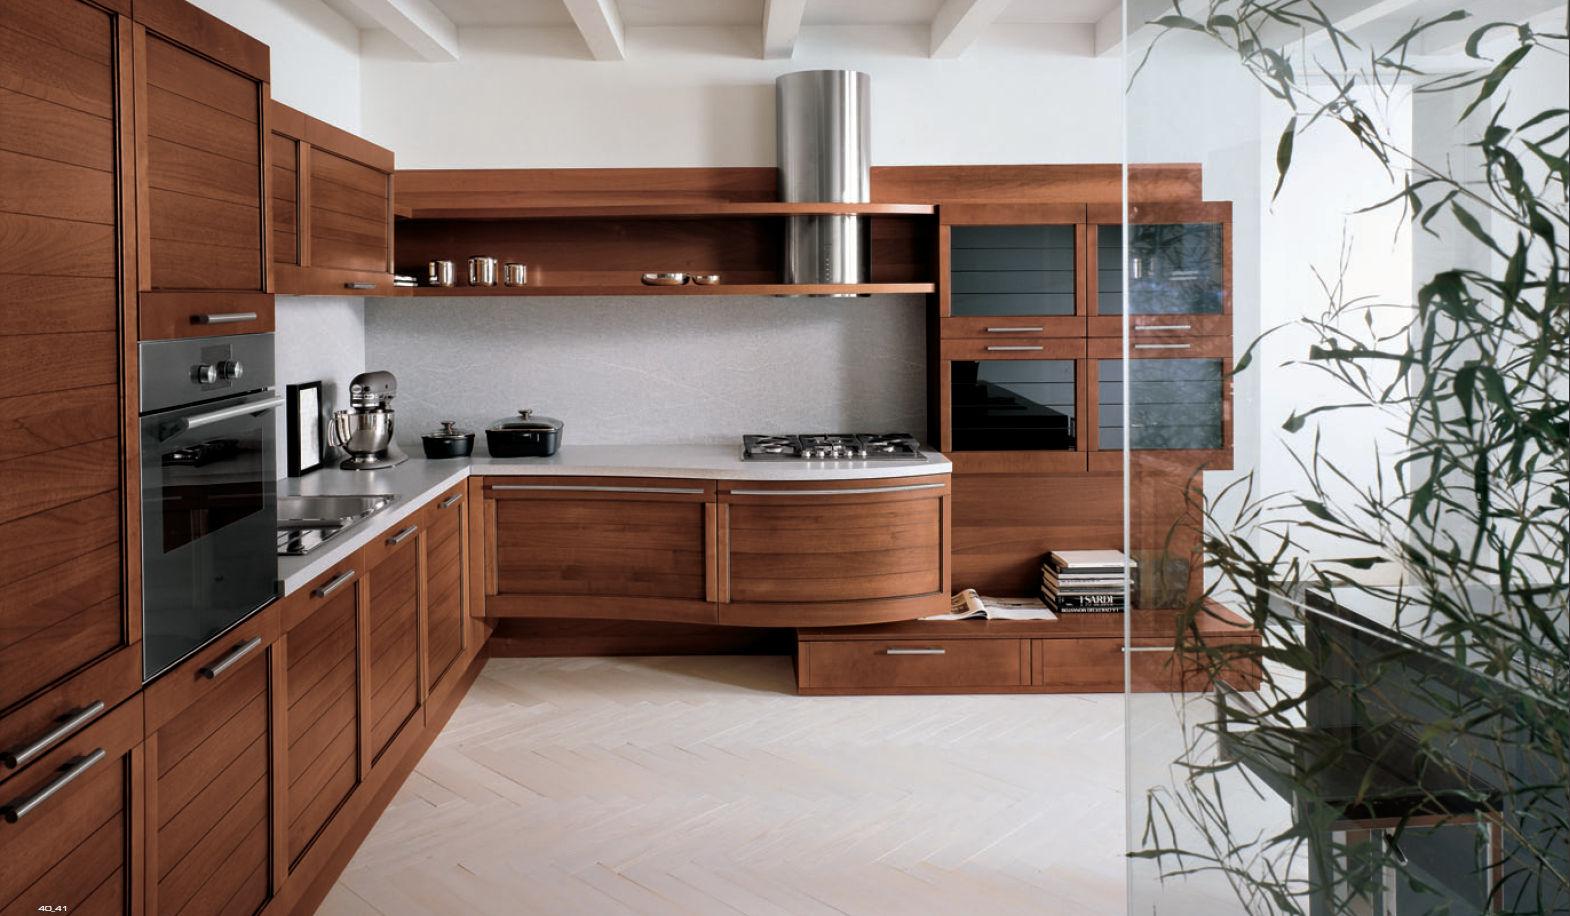 کابینت(سیستم آشپزخانه)